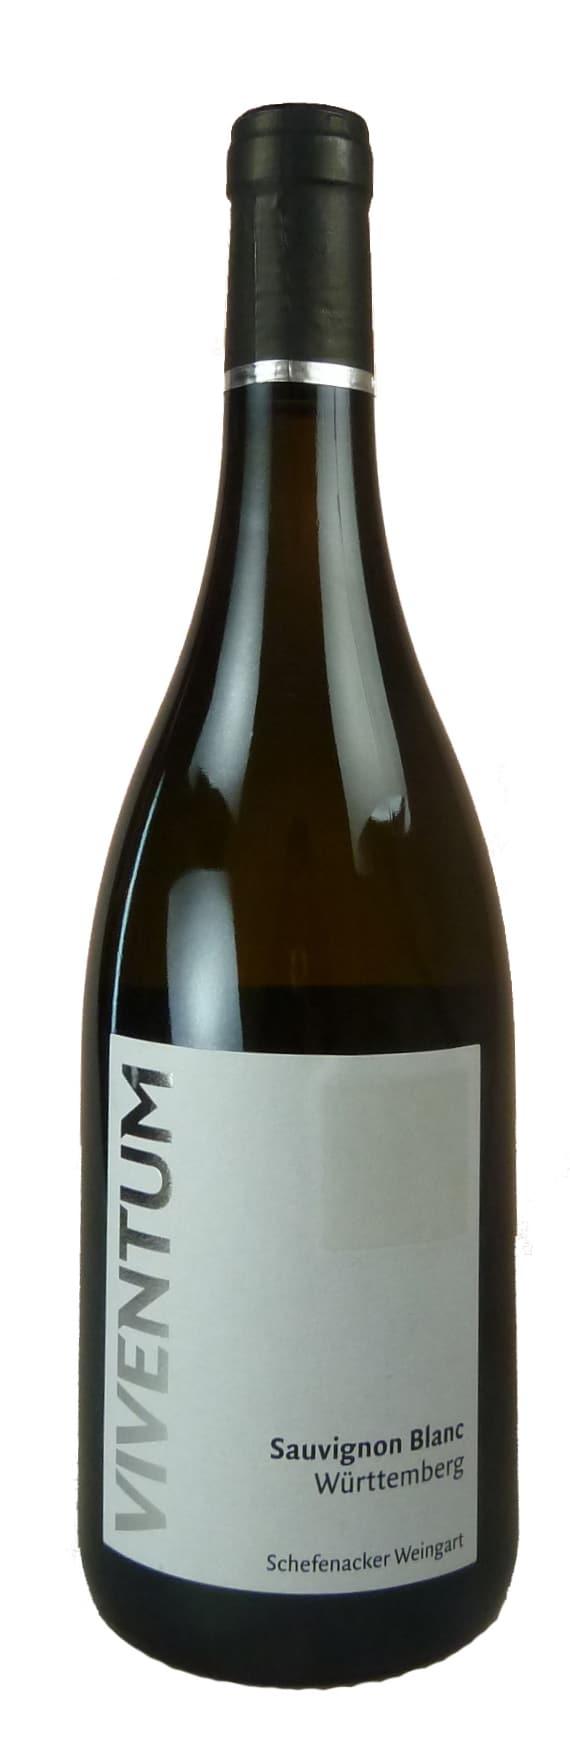 Viventum Sauvignon blanc Qualitätswein trocken 2017